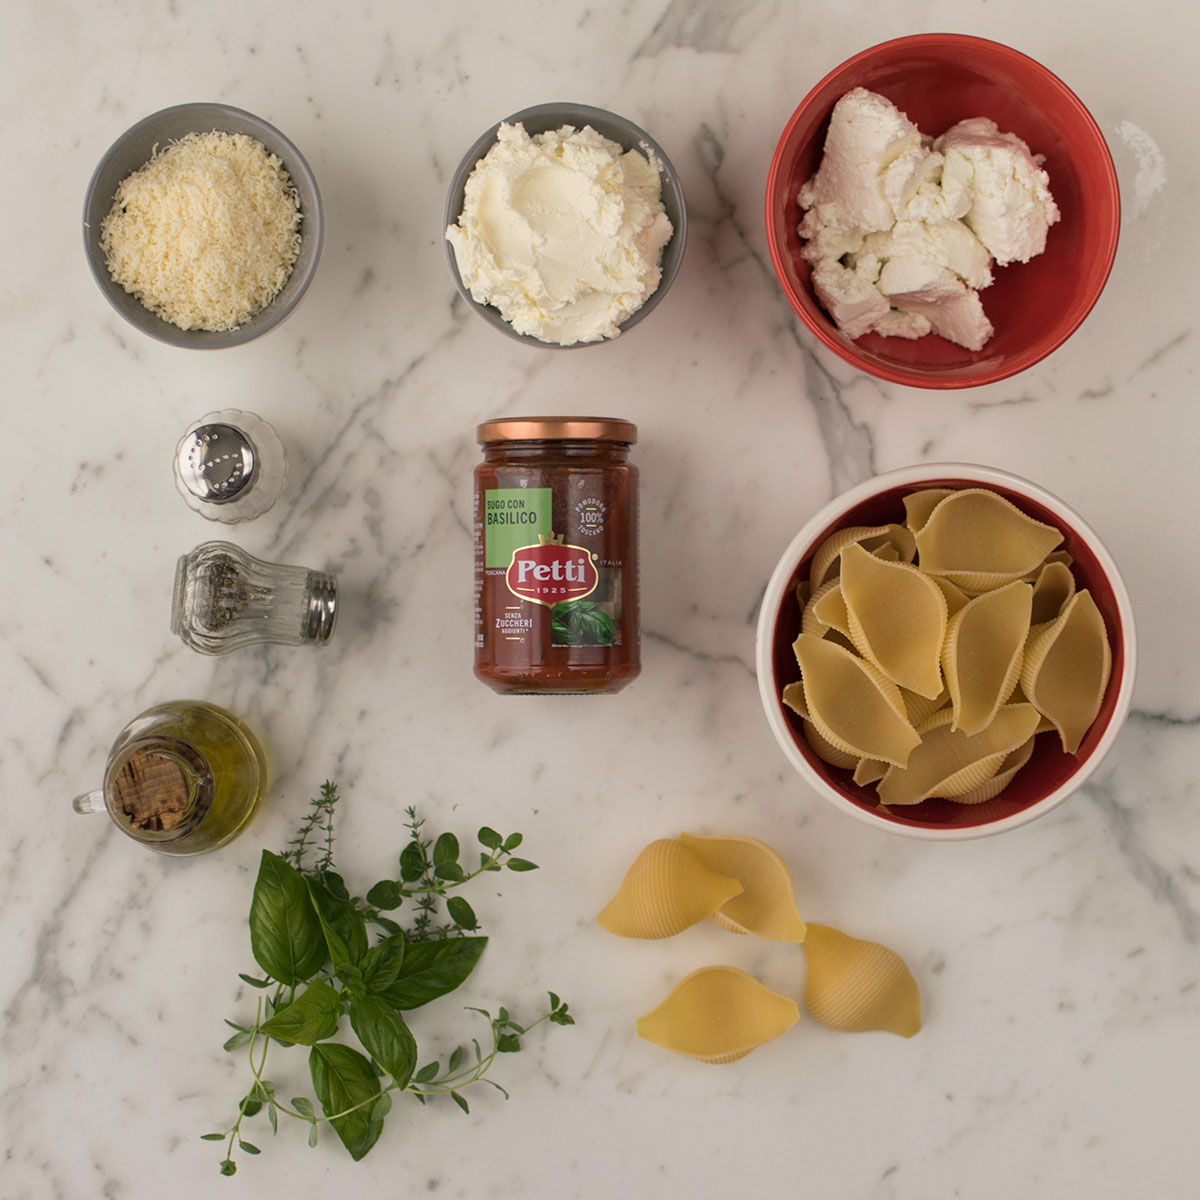 conchiglioni_ripieni_formaggi_erbette_ingredienti